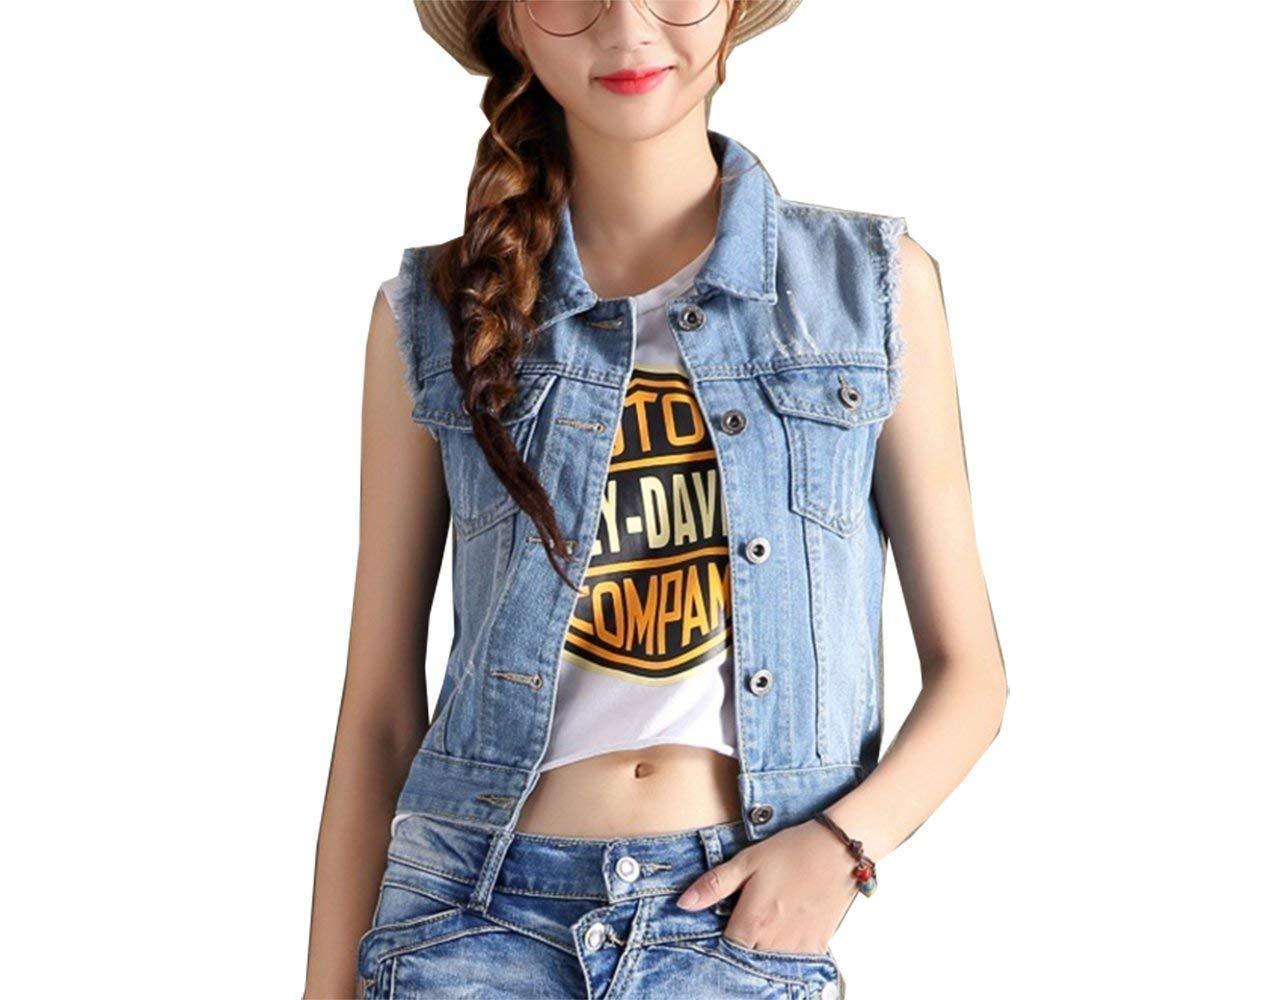 Donna Gilet Jeans Smanicato Slim Fit Strappato Jeans Jacket Eleganti Vintage Fashion Casuale Cute Chic Denim Cappotto Corto Outerwear Primaverile Autunno None